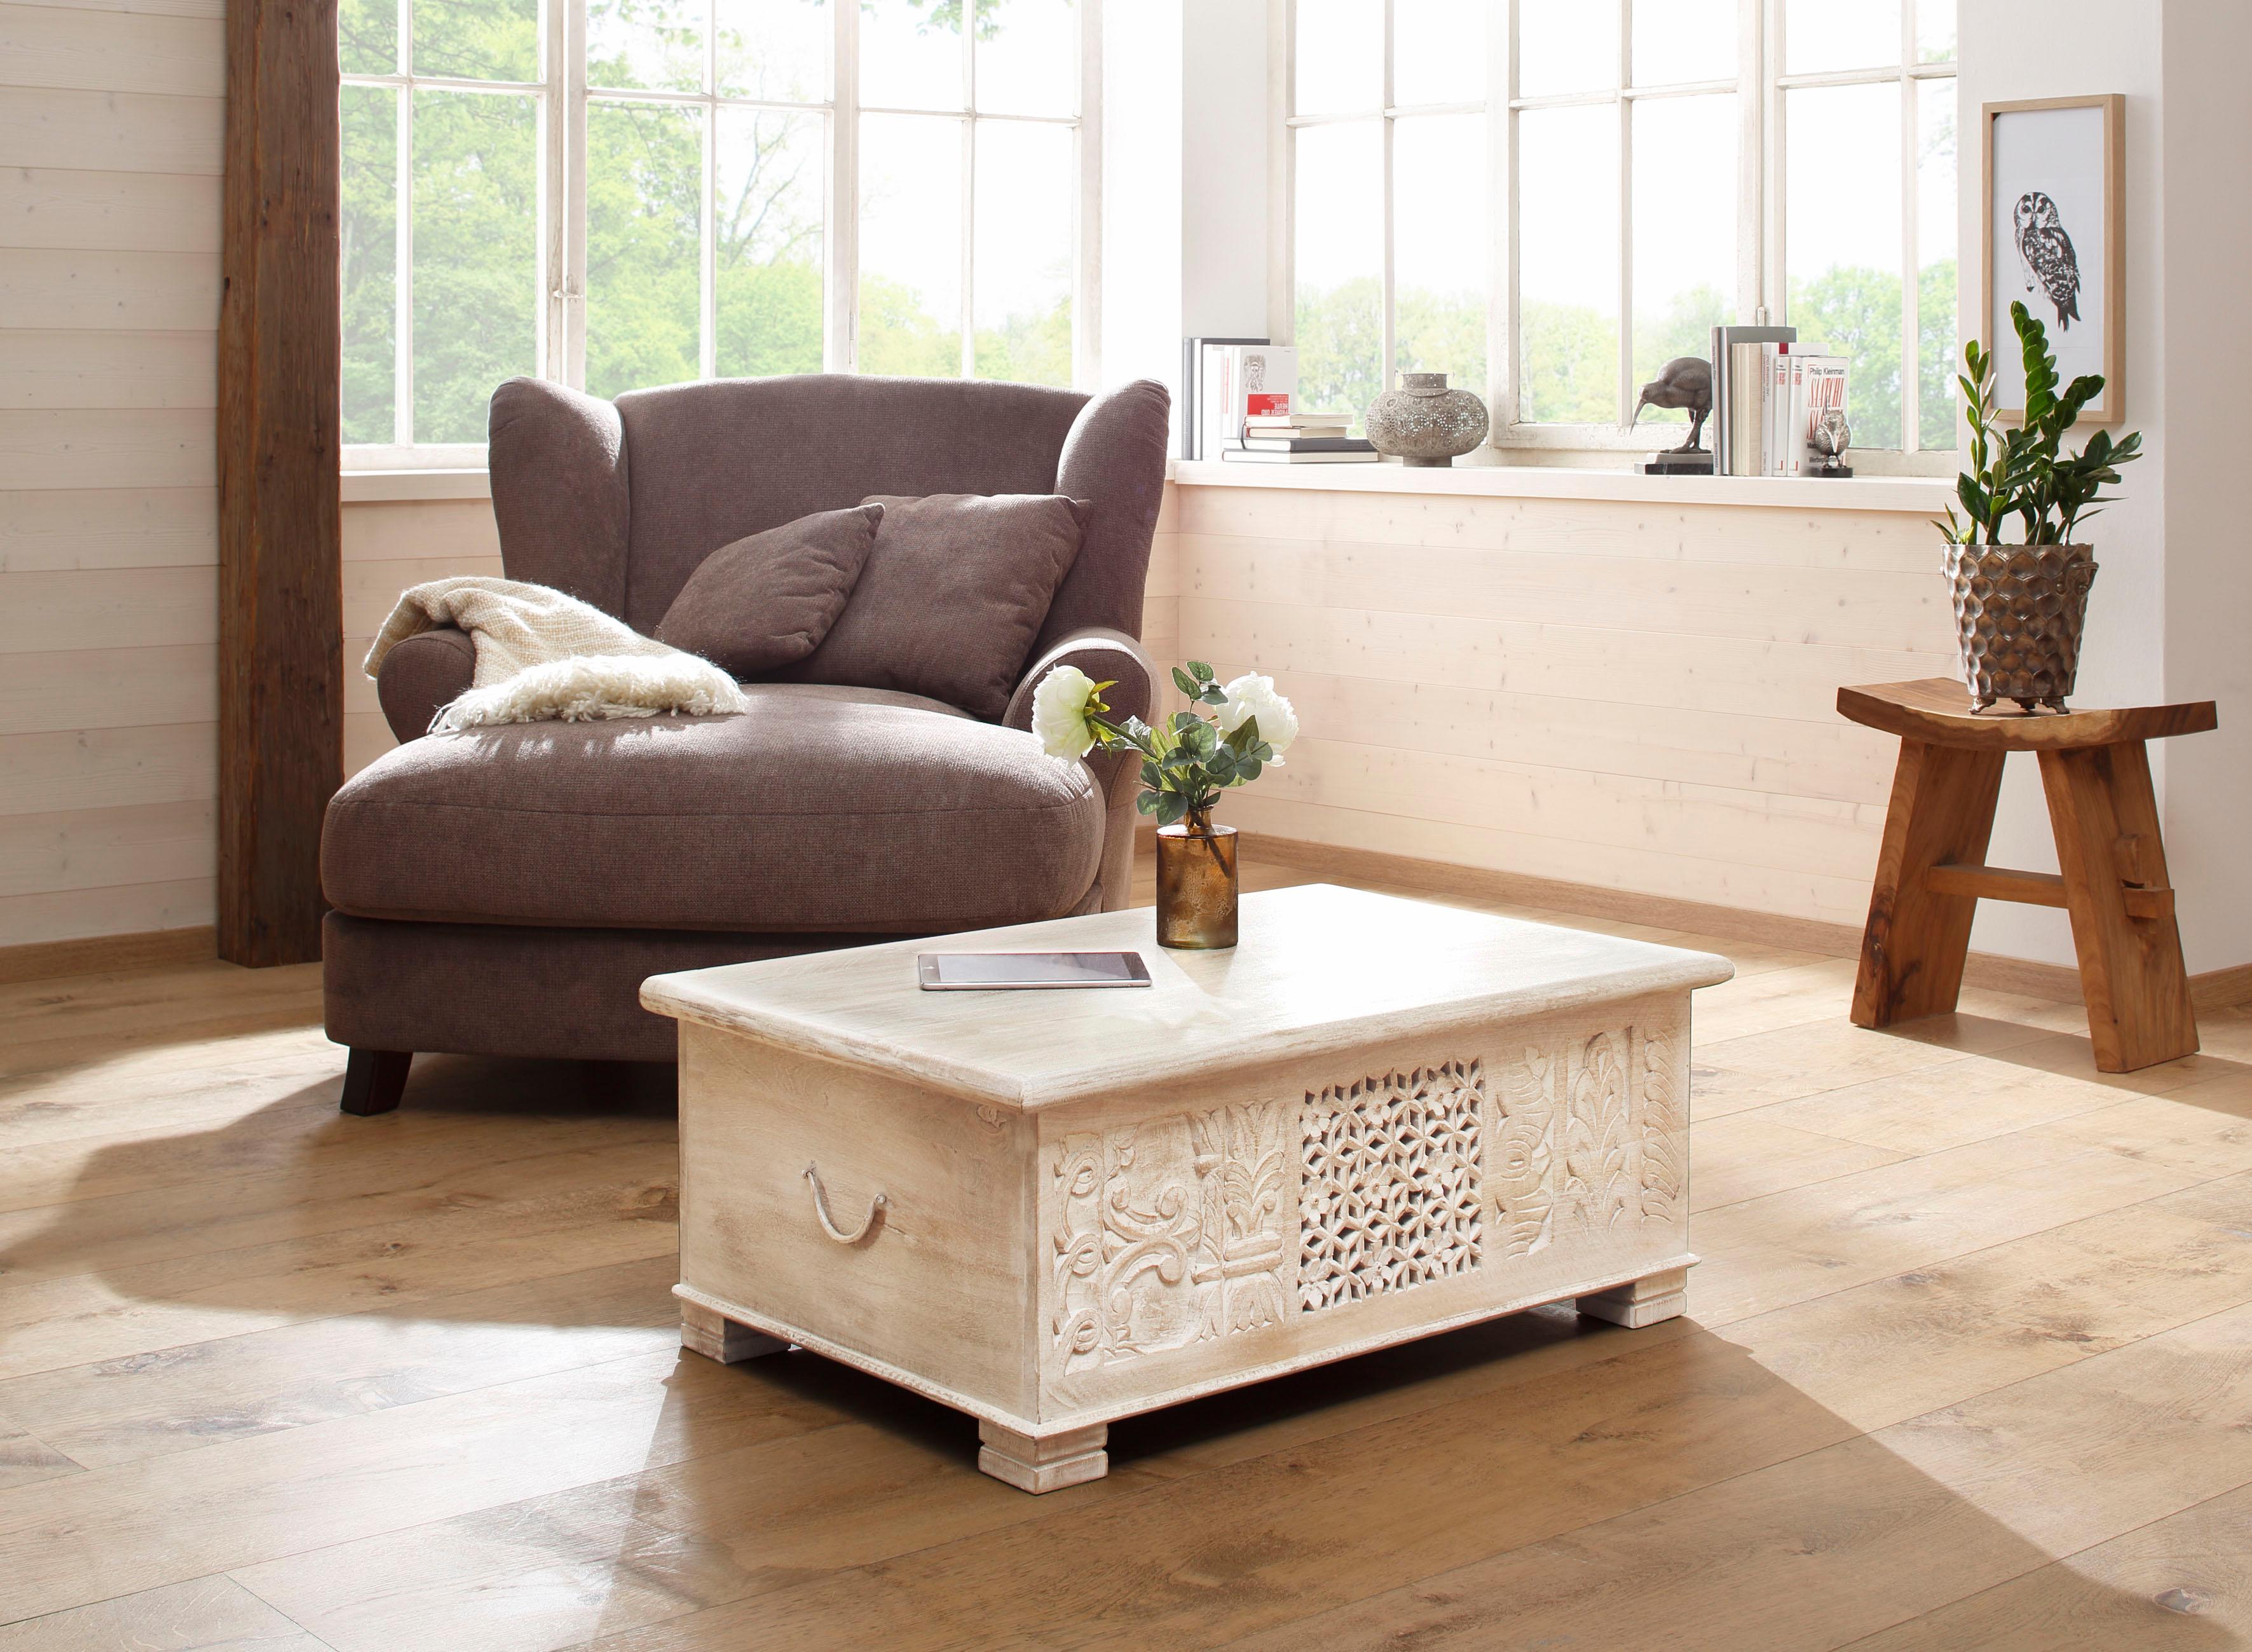 Home affaire Couchtisch «Bharat«, mit dekorativen Fräsungen an der Front, Breite 100 cm